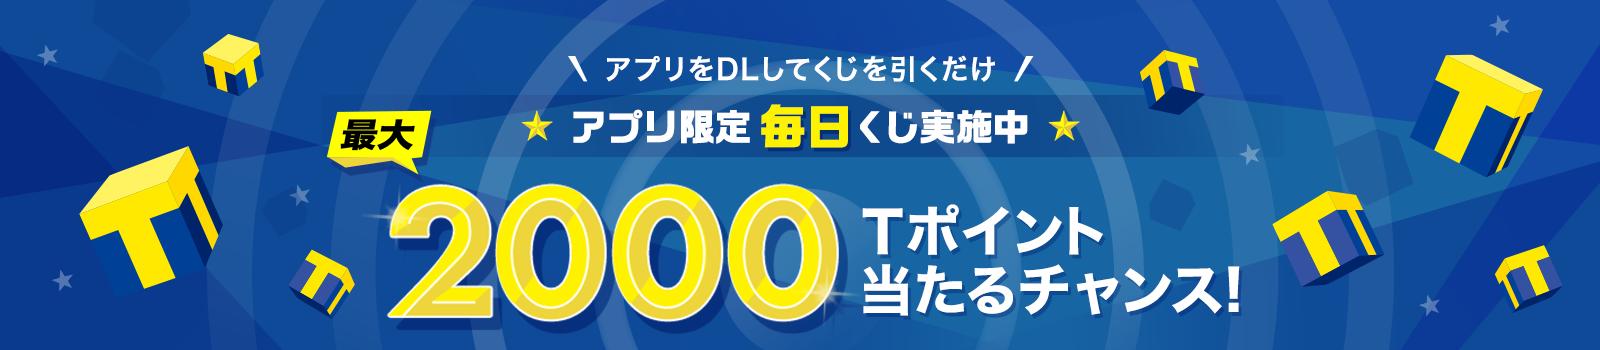 Yahoo!ファイナンス毎日くじでアプリから応募すると2000ポイントが14名、1ポイントが47万名に当たる。~3/13。